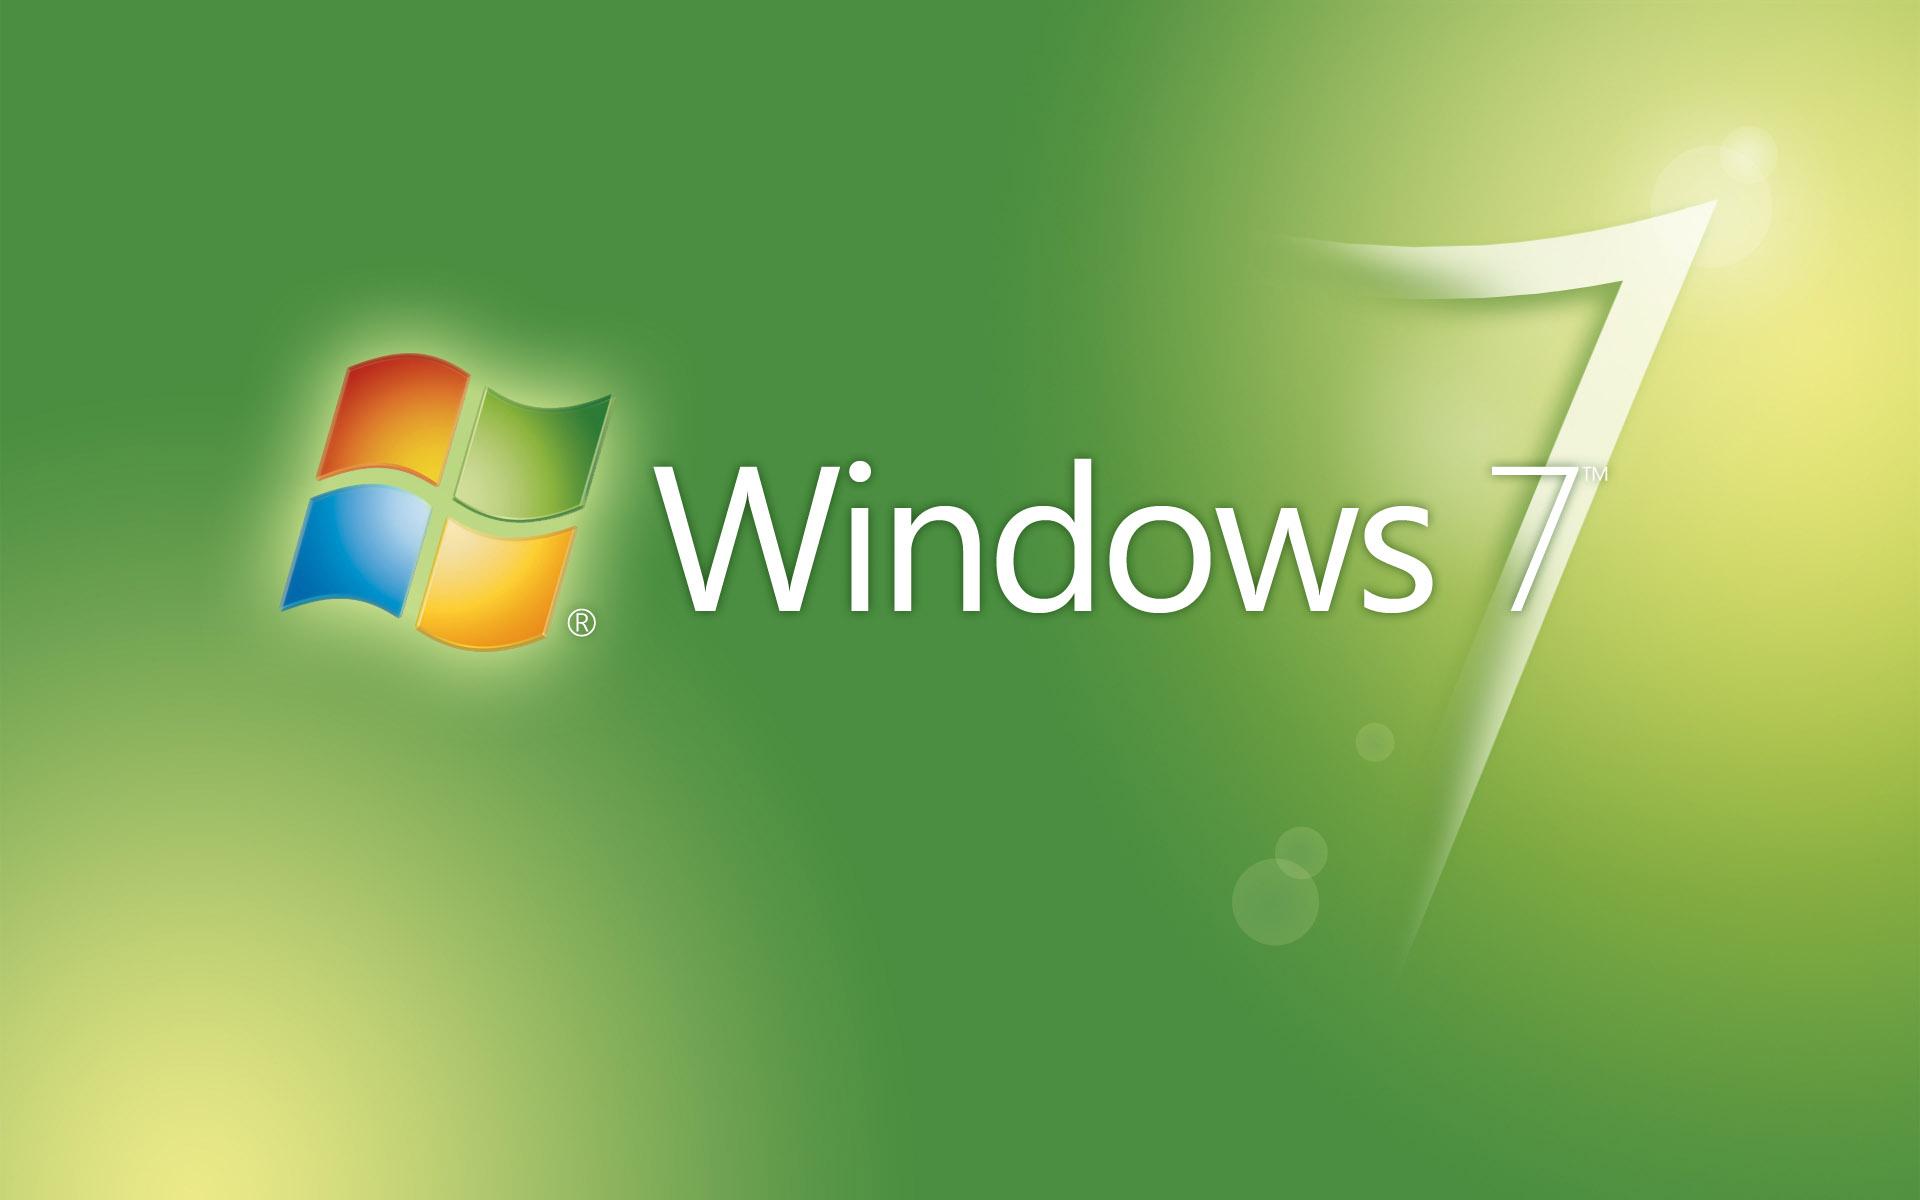 cool desktop windows backgrounds wallpaper 1920x1200 1920x1200